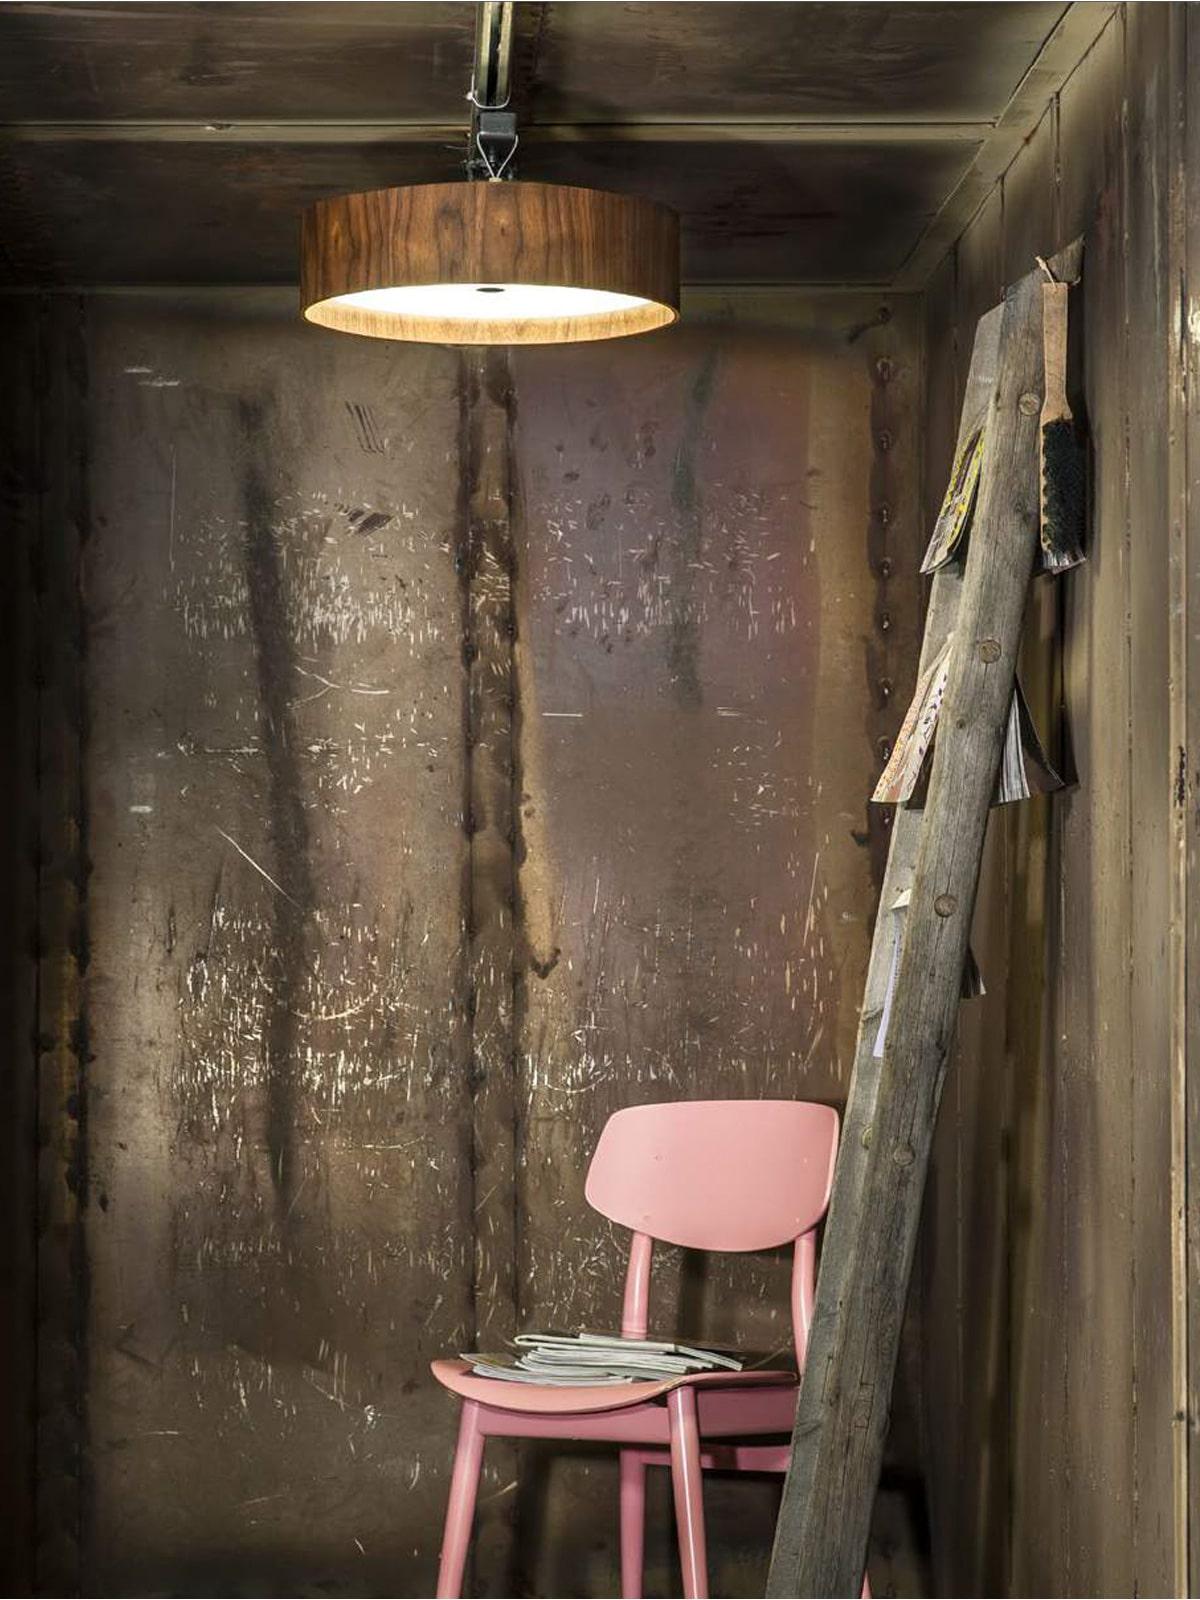 Deckenbeleuchtung klassische und neue konzepte - Gestaltung von zimmerdecken ...